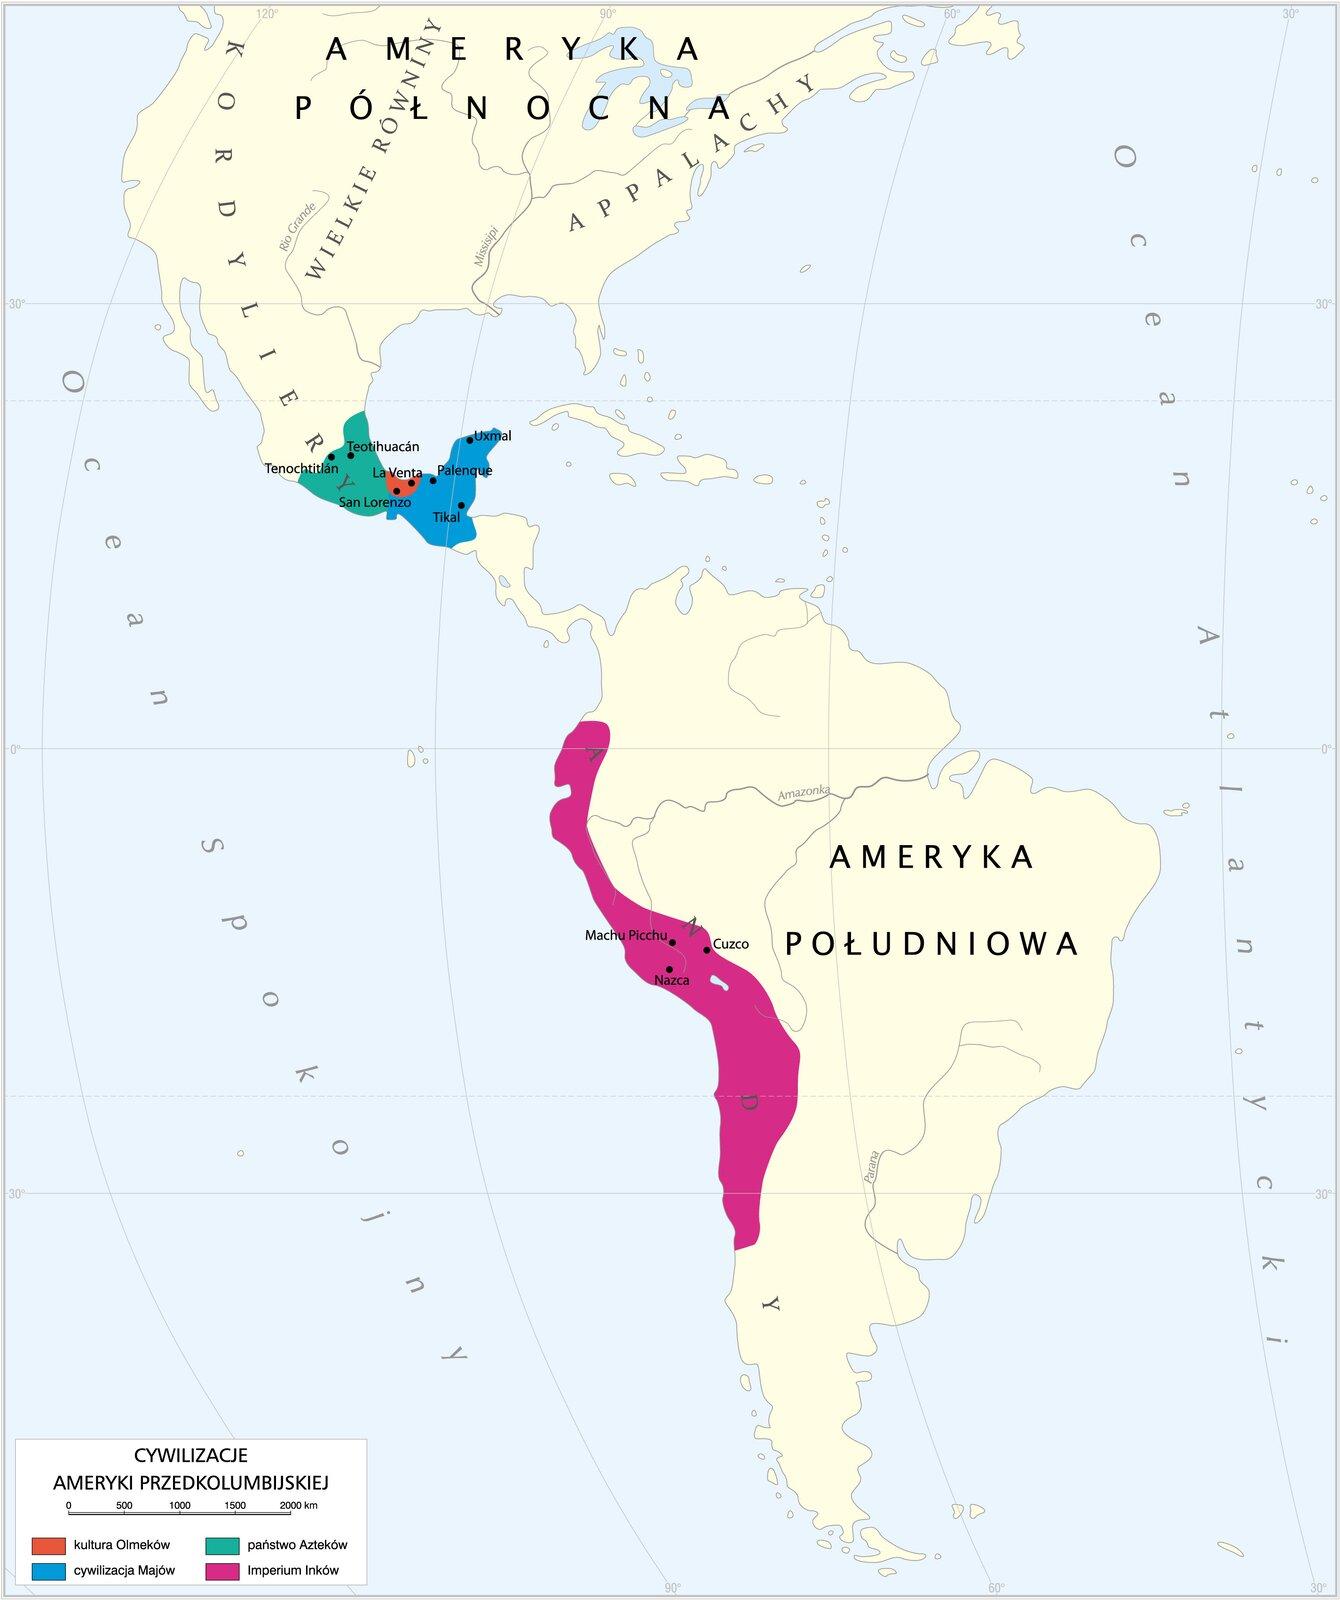 Ameryka Środkowa zzaznaczonymi kręgami cywilizacyjnymi Ameryka Środkowa zzaznaczonymi kręgami cywilizacyjnymi Źródło: Krystian Chariza izespół, licencja: CC BY 4.0.